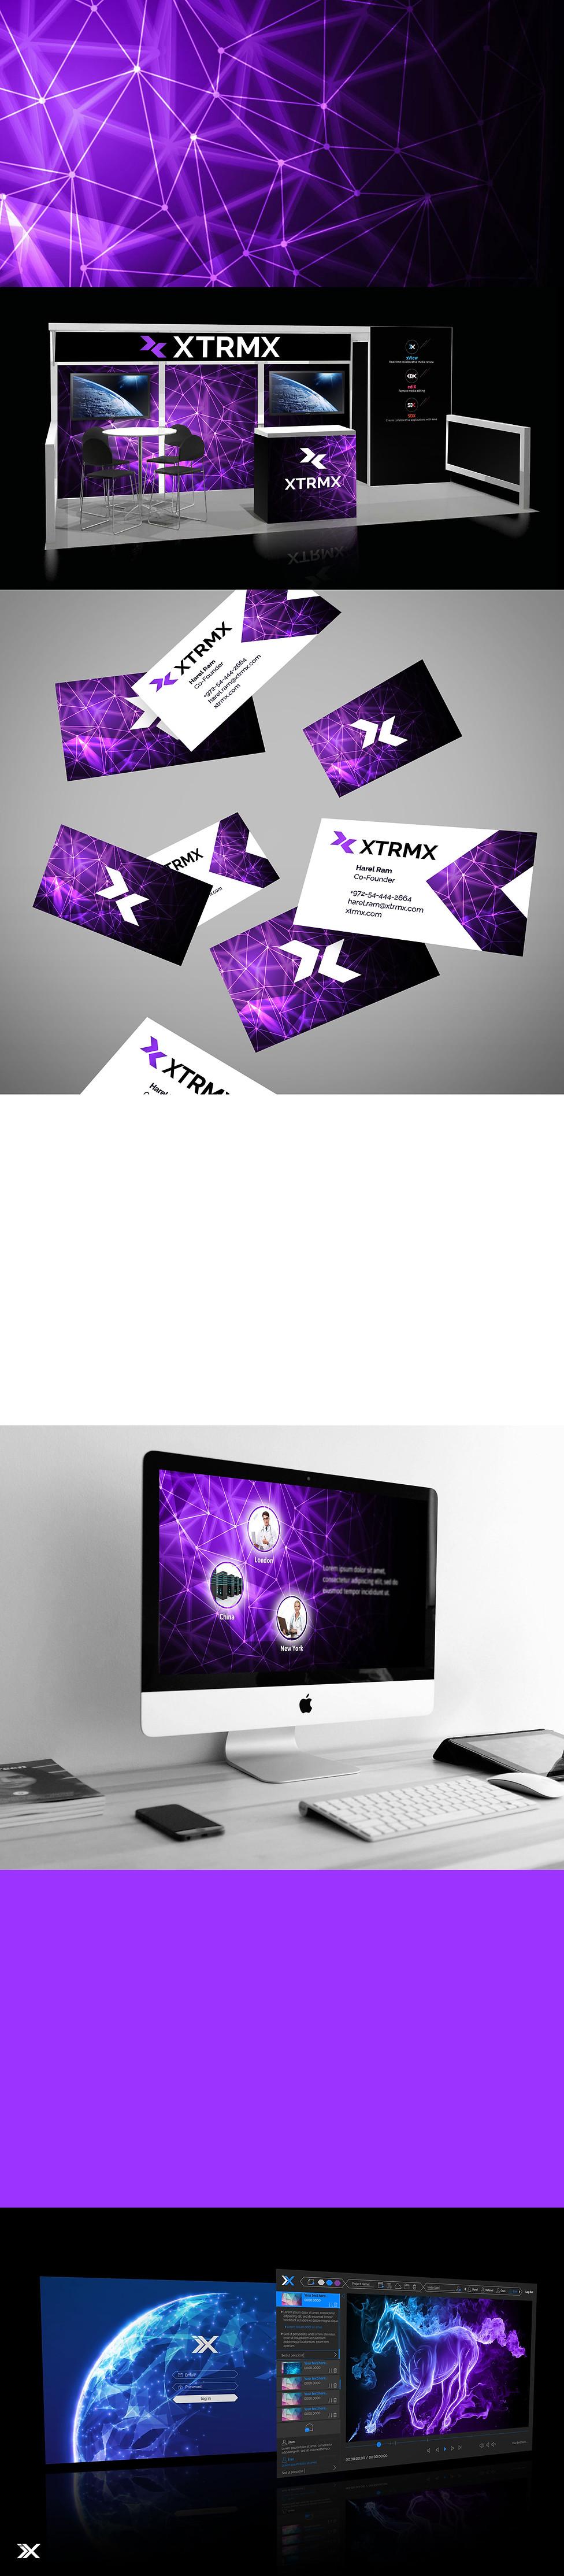 XTRMX.jpg